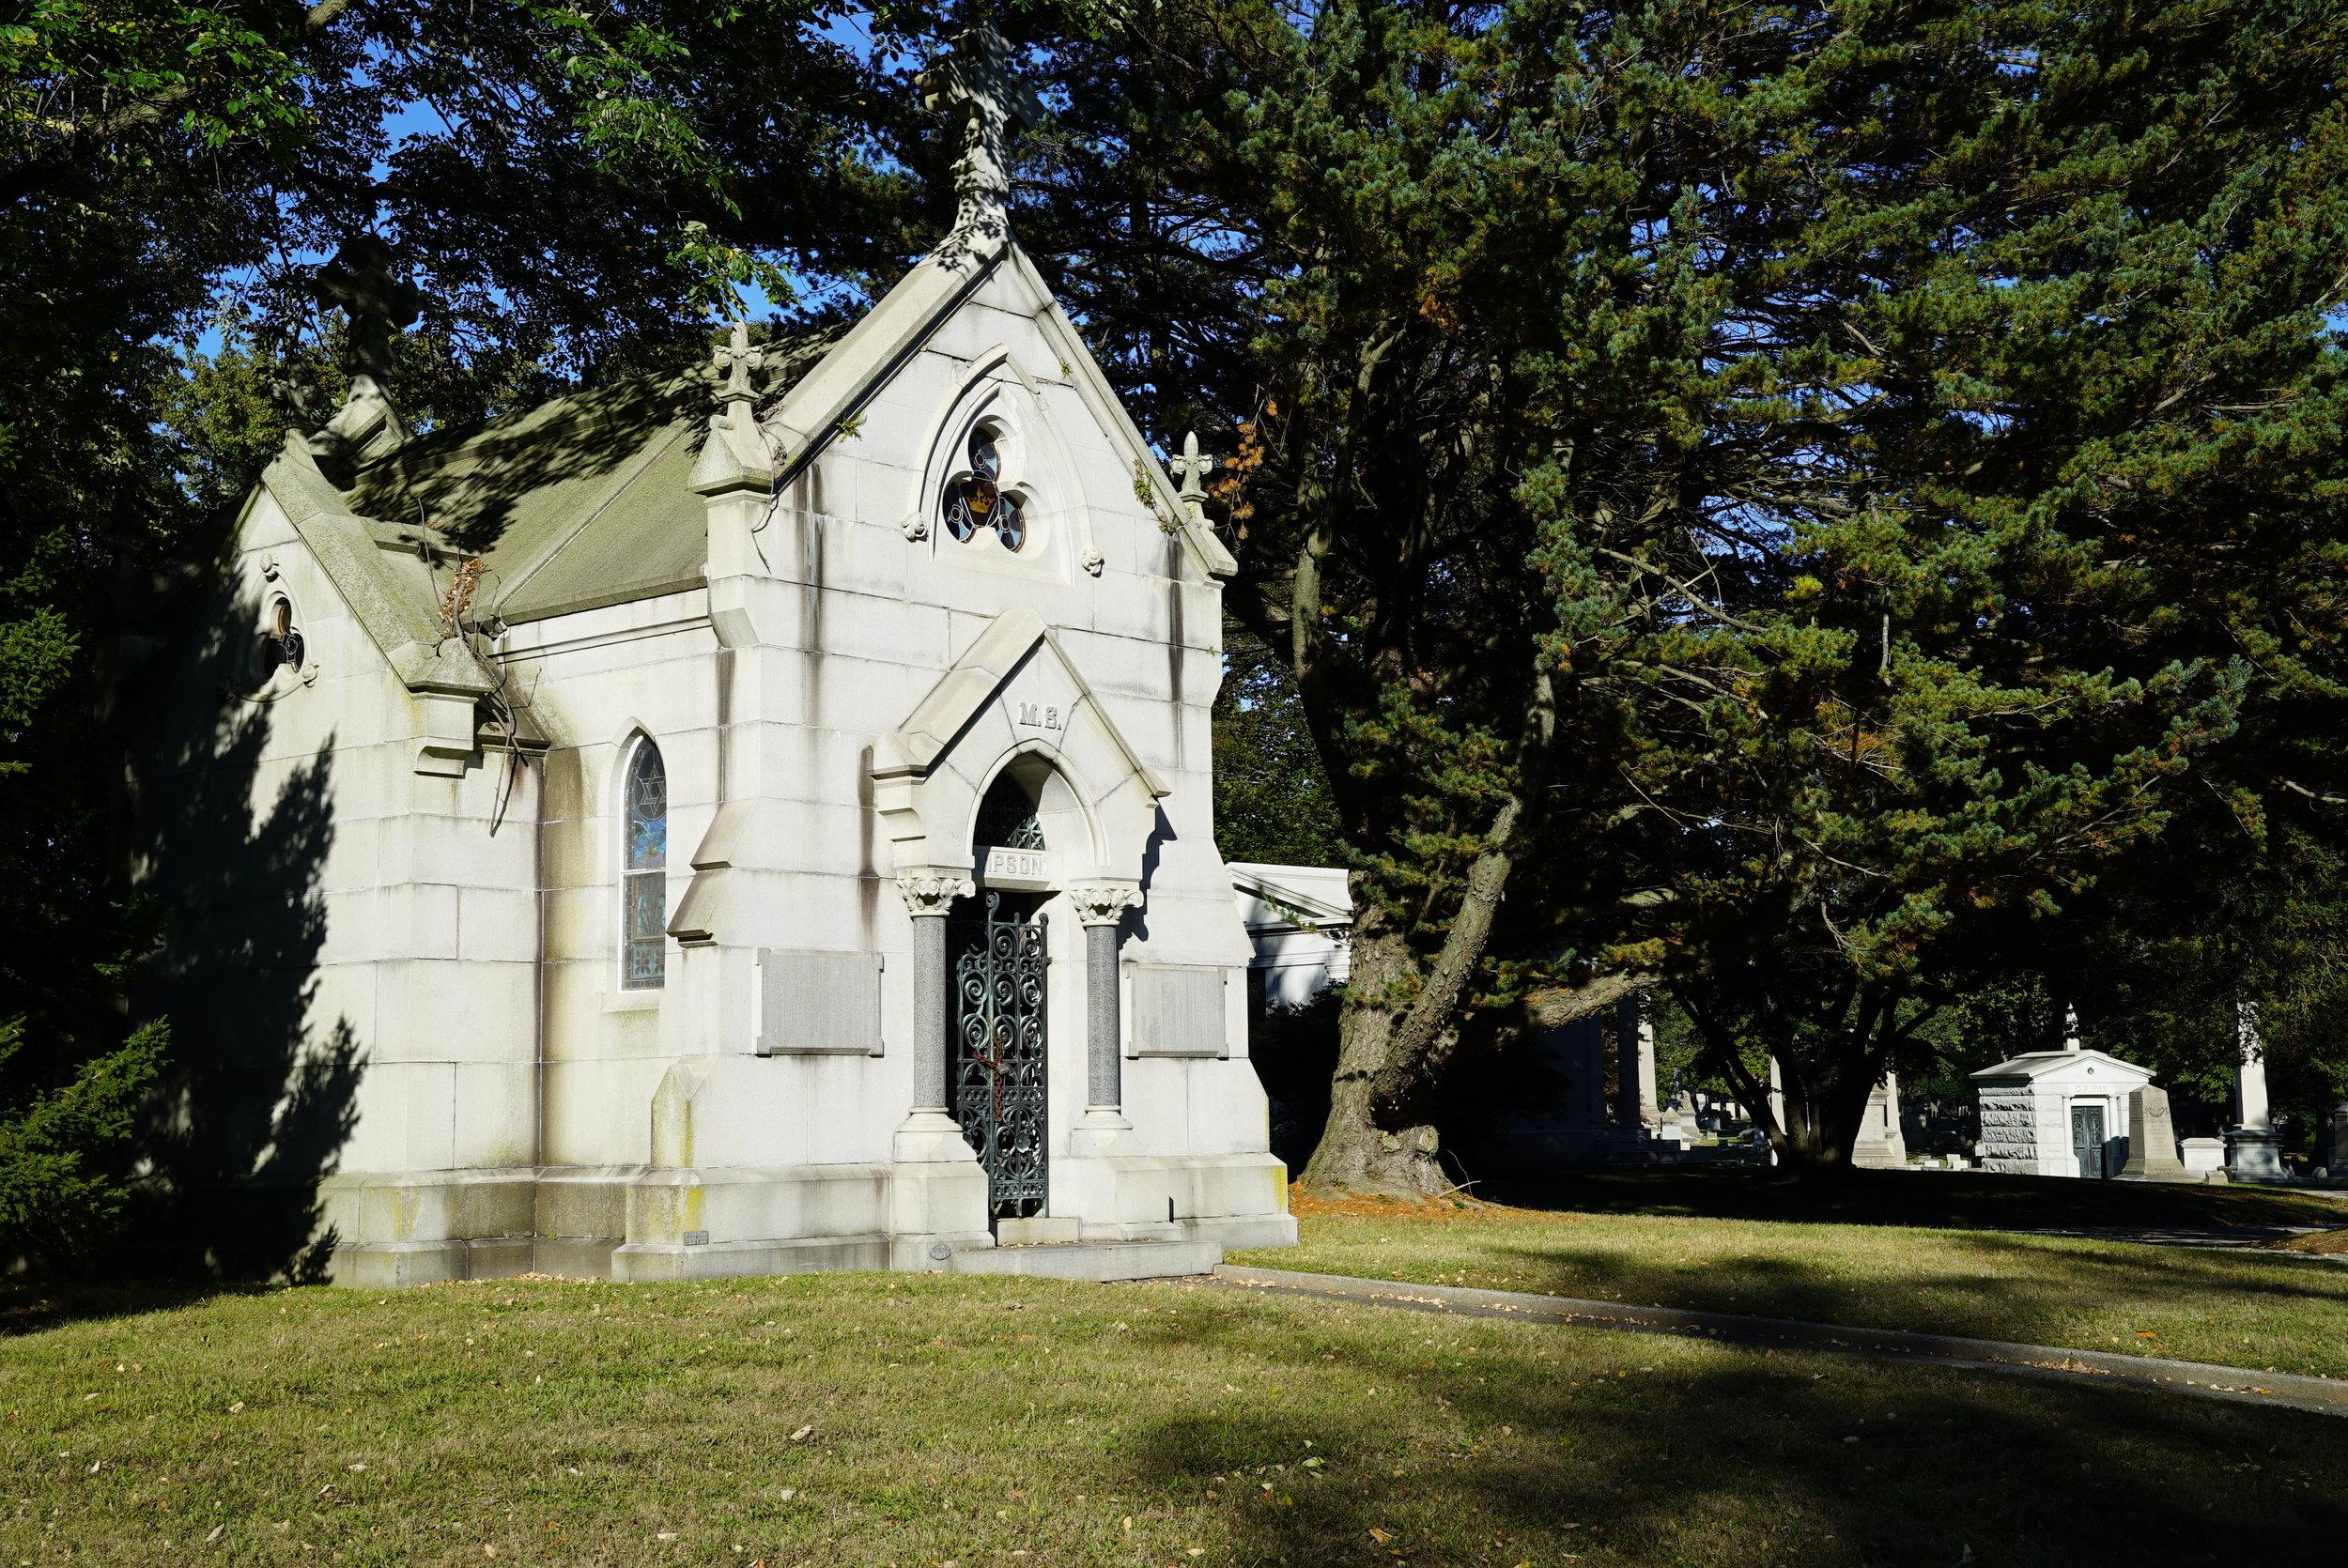 Mausoleum at West Laurel Hill Cemetery. Bala Cynwyd, Pennsylvania.